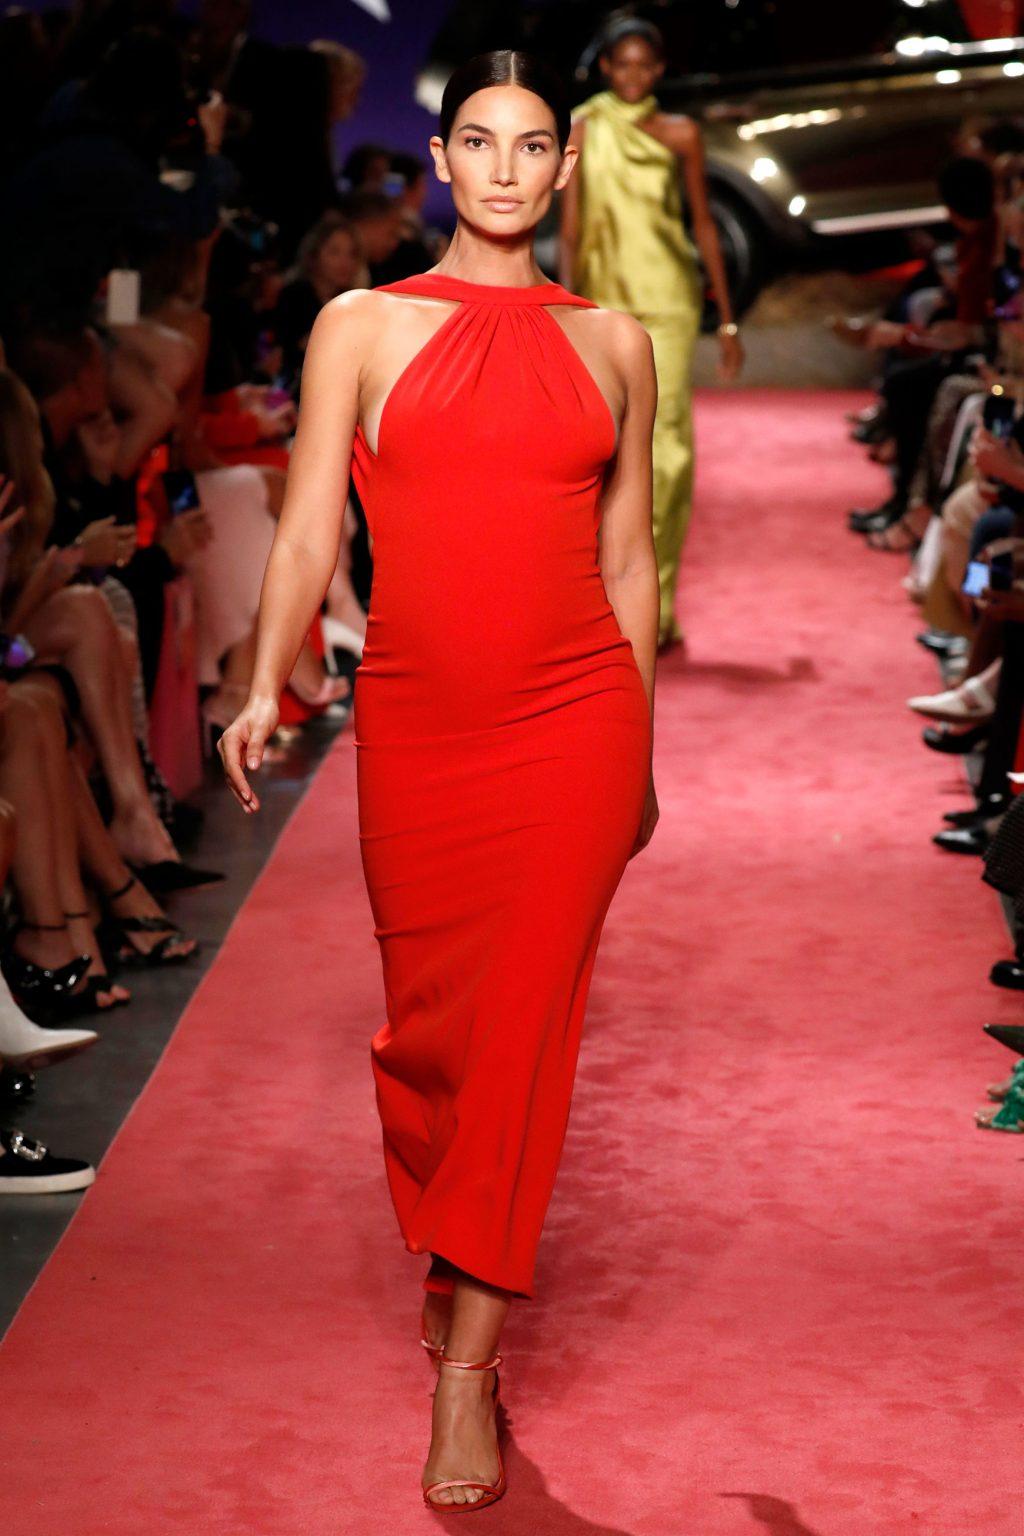 lily alridge mặc đầm đỏ của Brandon Maxwell